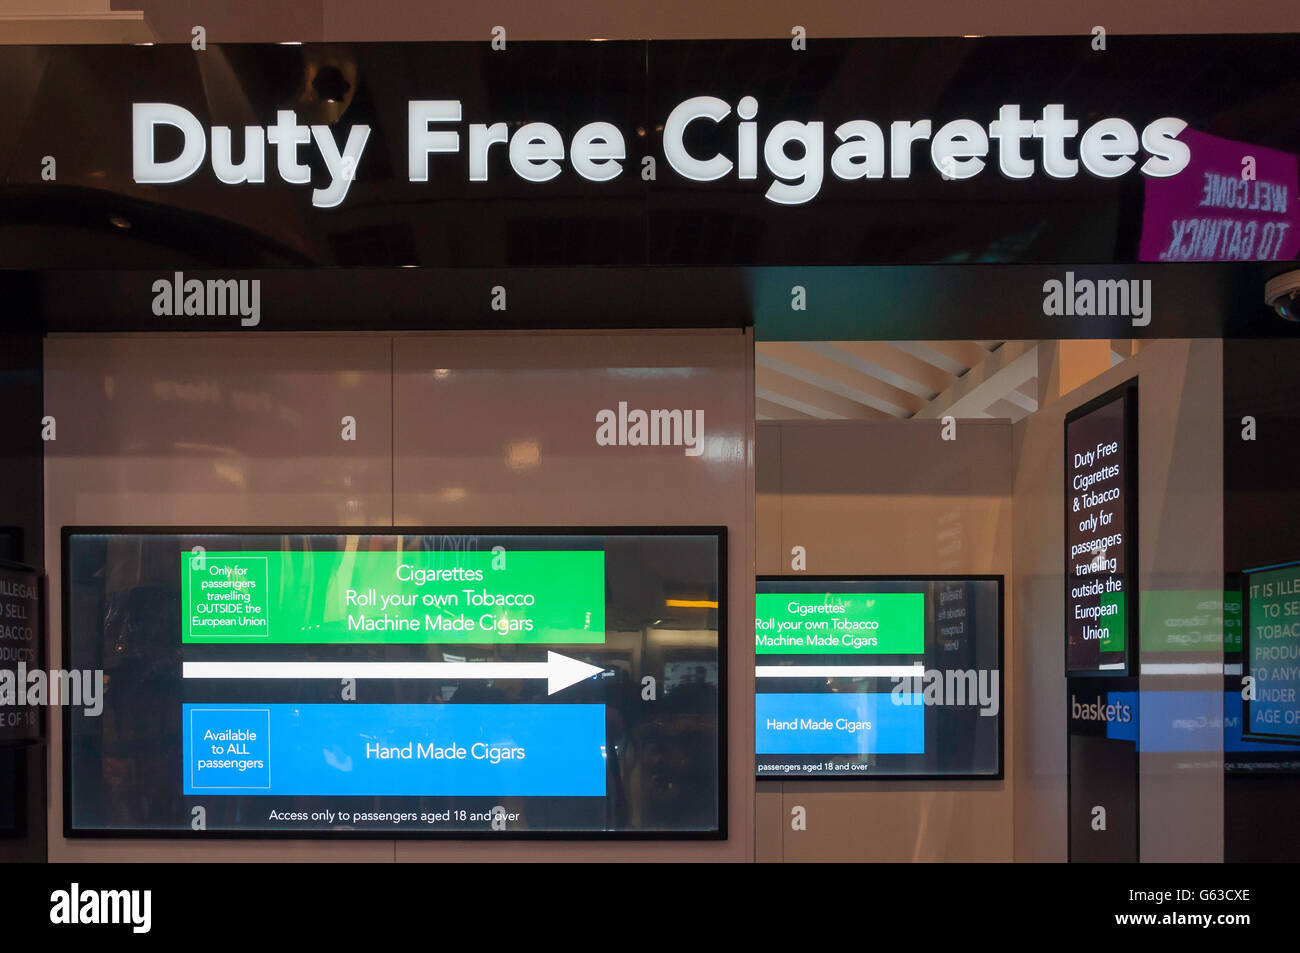 Cigarettes at rite aid